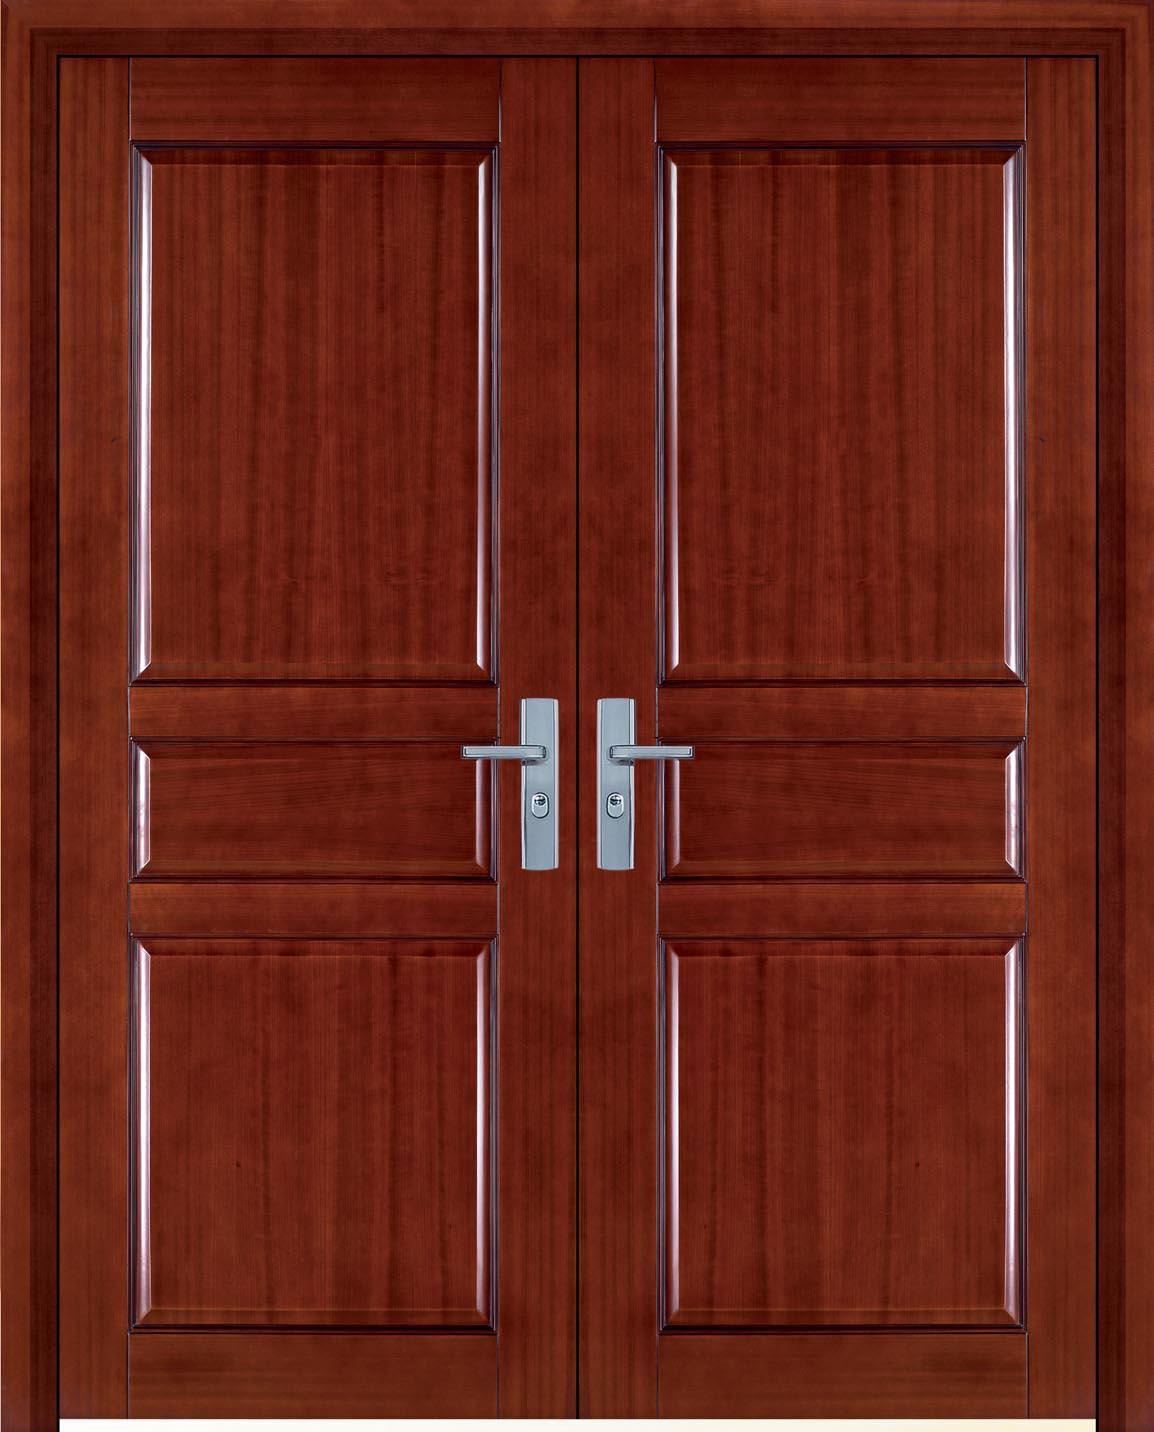 Pin puertas interiores decoraci decoracion ajilbabcom - Decoracion puertas interior ...